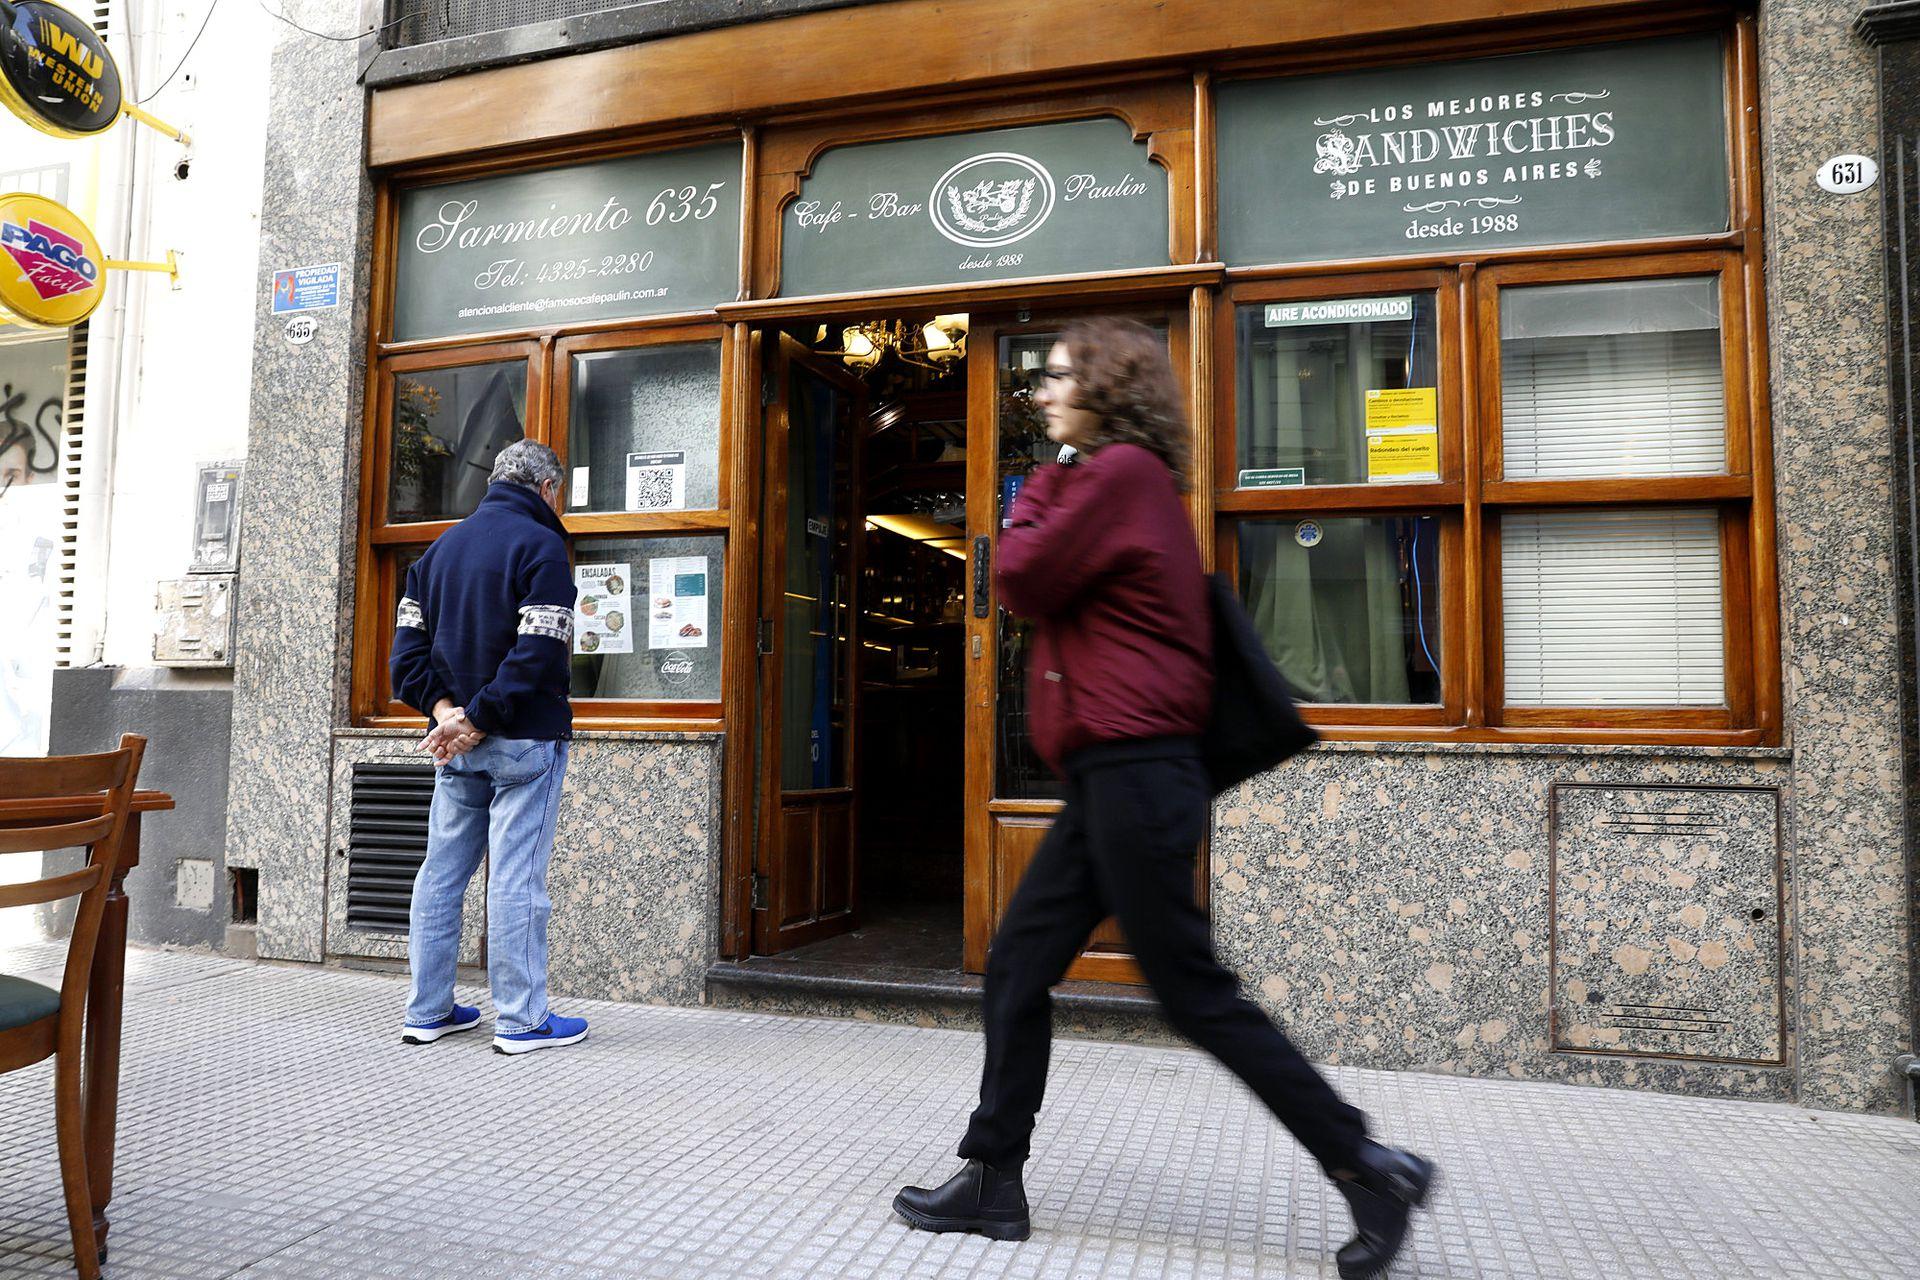 El café Paulín, ubicado en Sarmiento 635